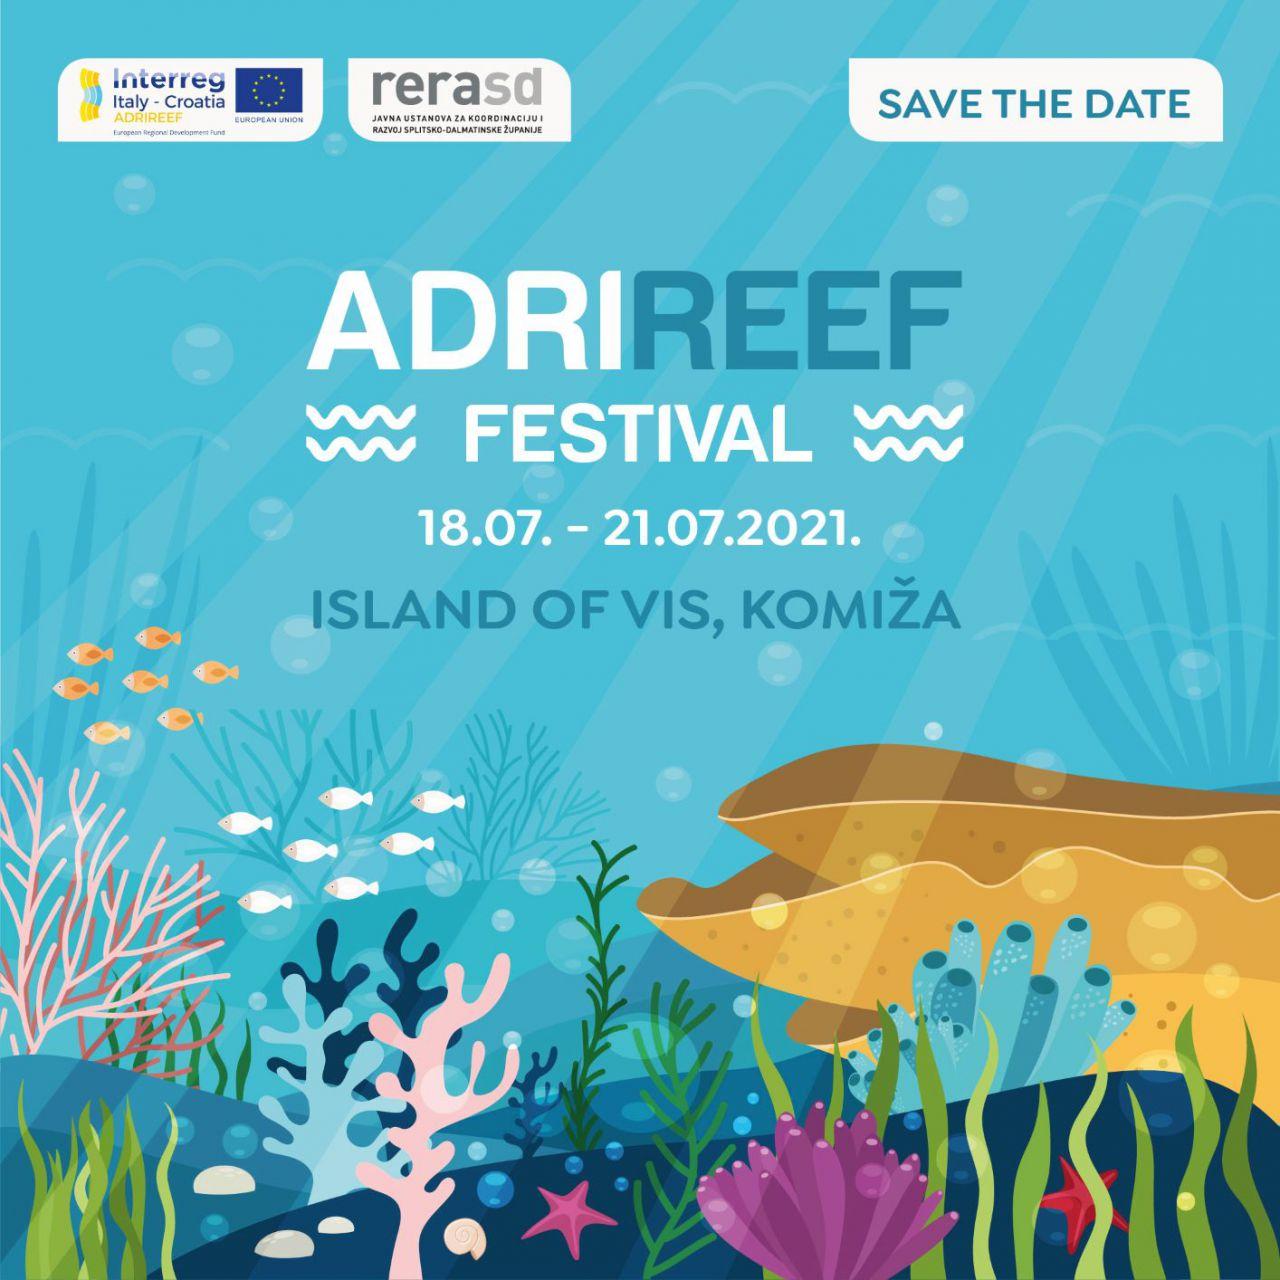 Drugo izdanje ADRIREEF festivala